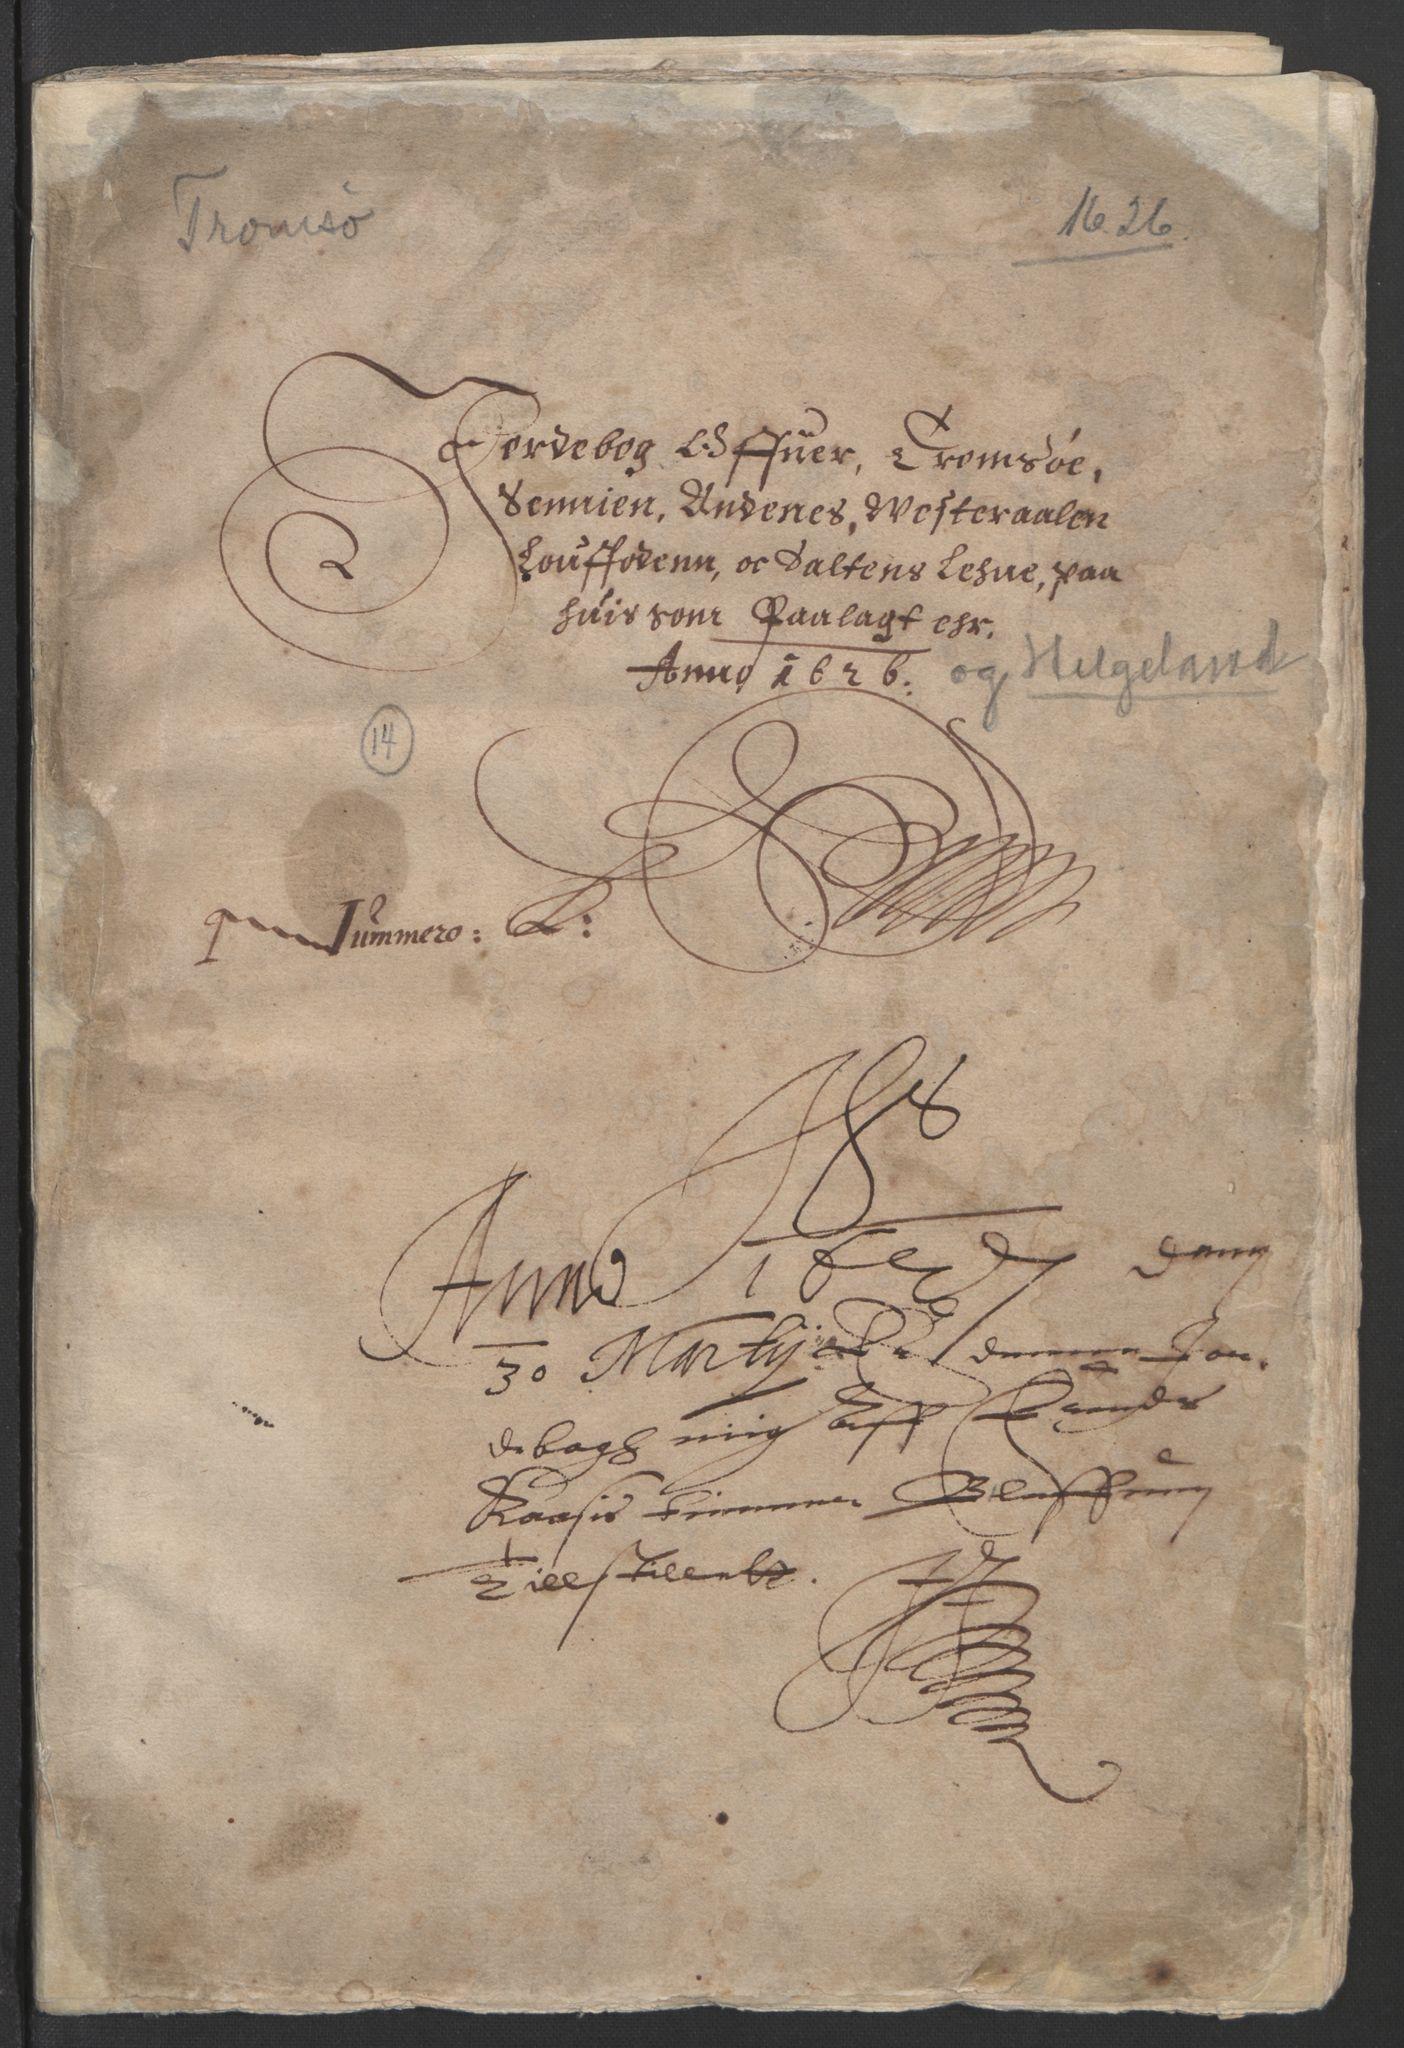 RA, Stattholderembetet 1572-1771, Ek/L0006: Jordebøker til utlikning av garnisonsskatt 1624-1626:, 1626, s. 3